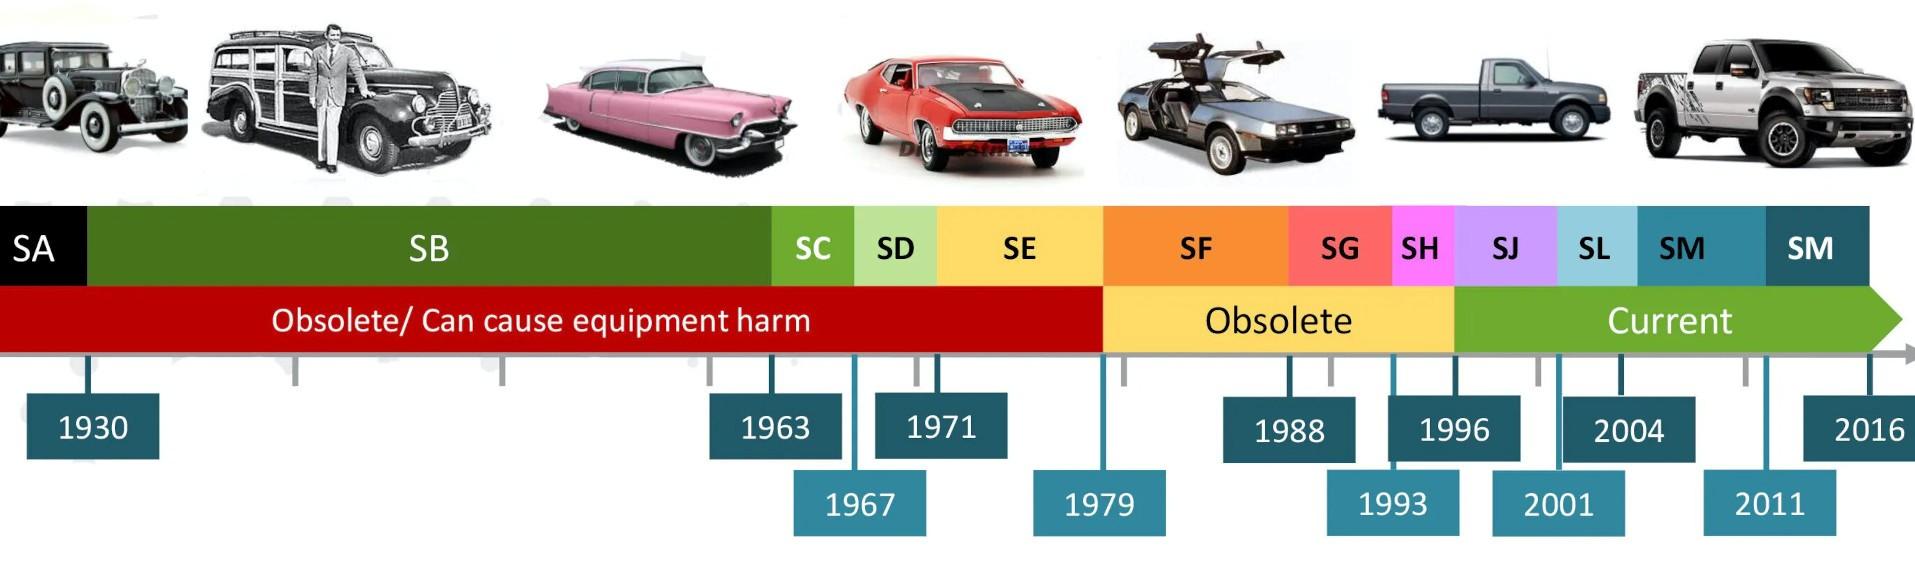 kak-pravilno-zamenit-maslo-v-dvigatele-avtomobilya-Suzuki-Jimny-foto-10